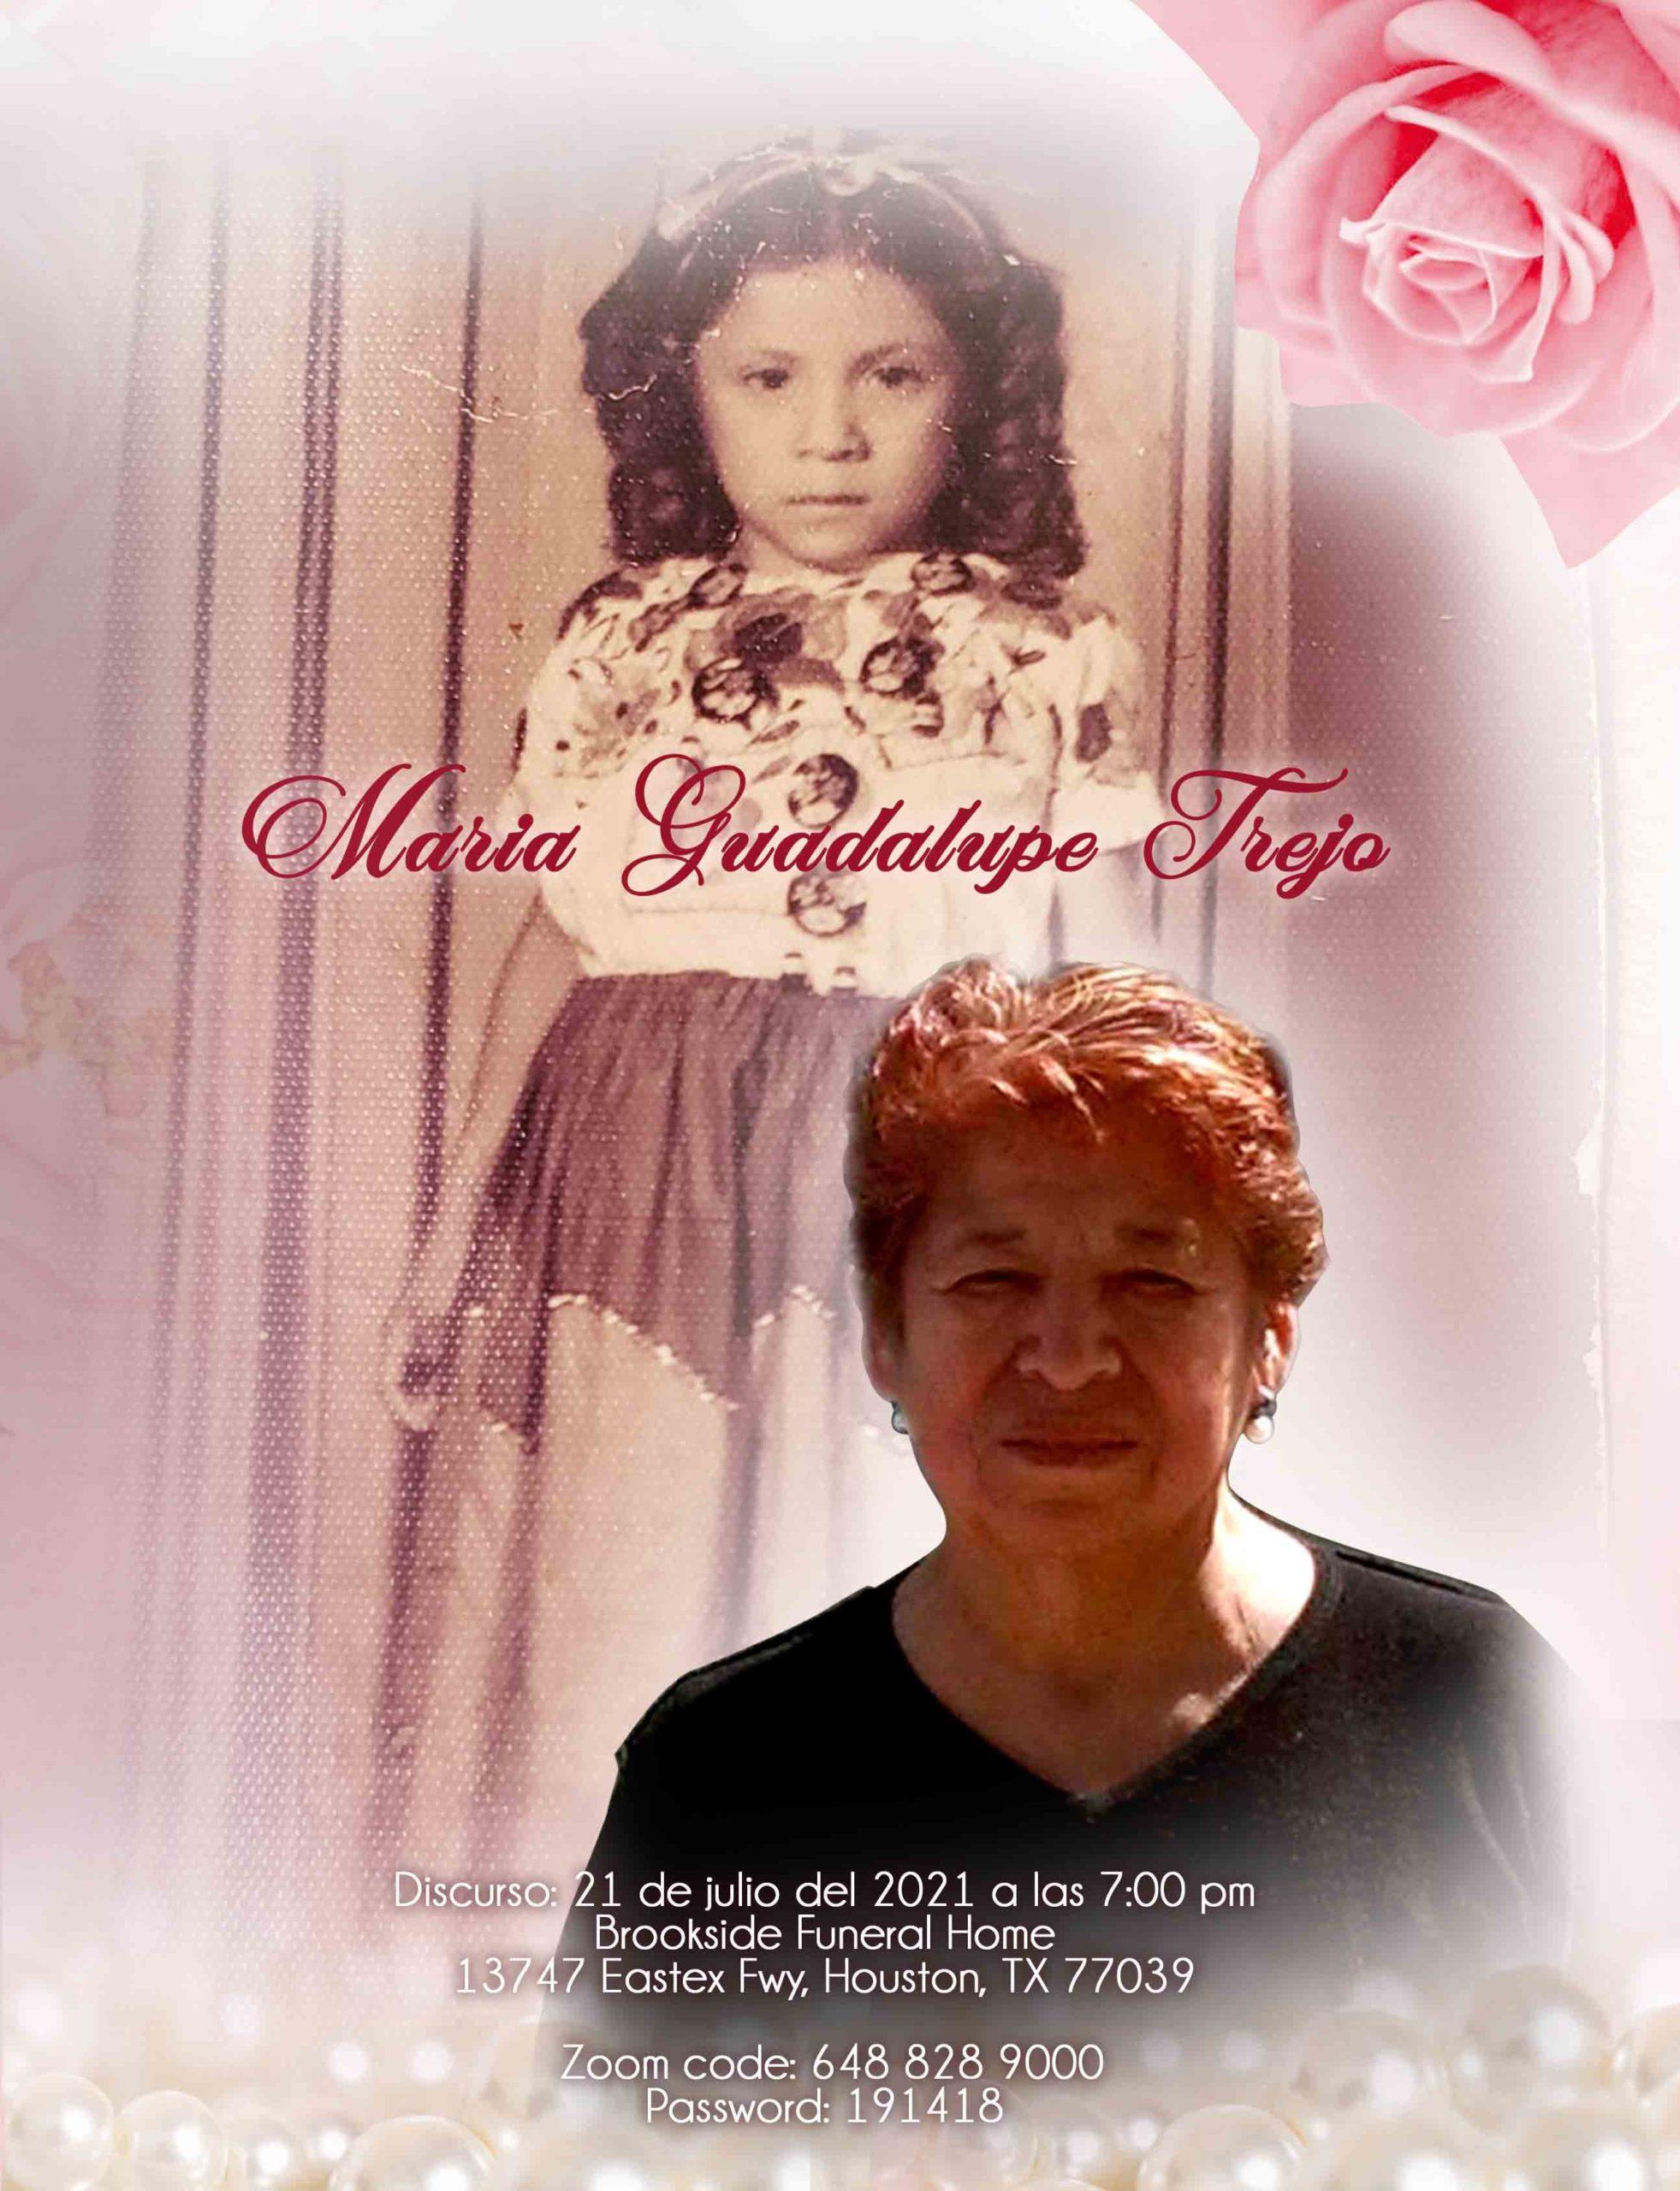 Maria Guadalupe Trejo 1943 – 2021